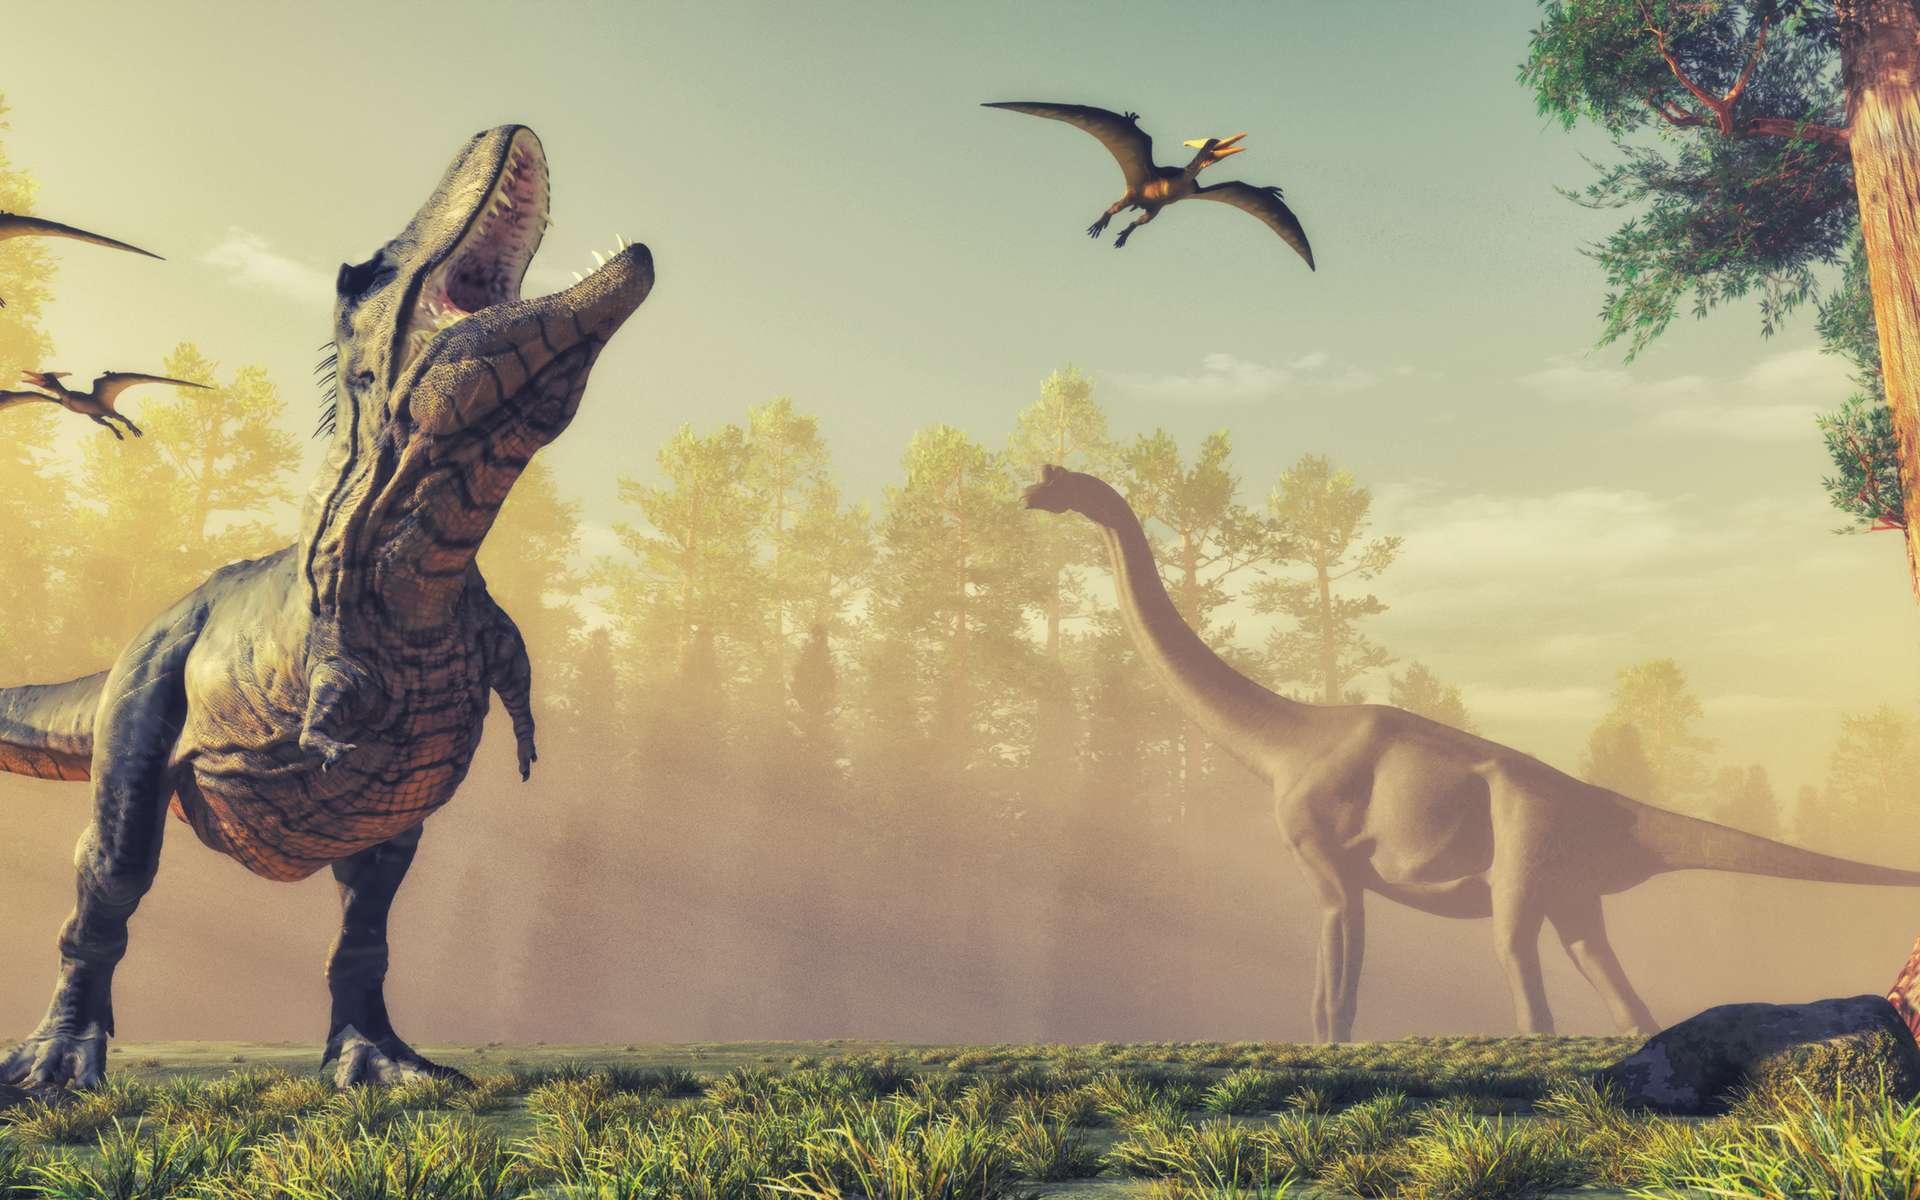 Les Tyrannosauridés étaient les prédateurs apex et ne laissaient que peu de place à leurs concurrents. © Orlando Florin Rosu, Adobe Stock